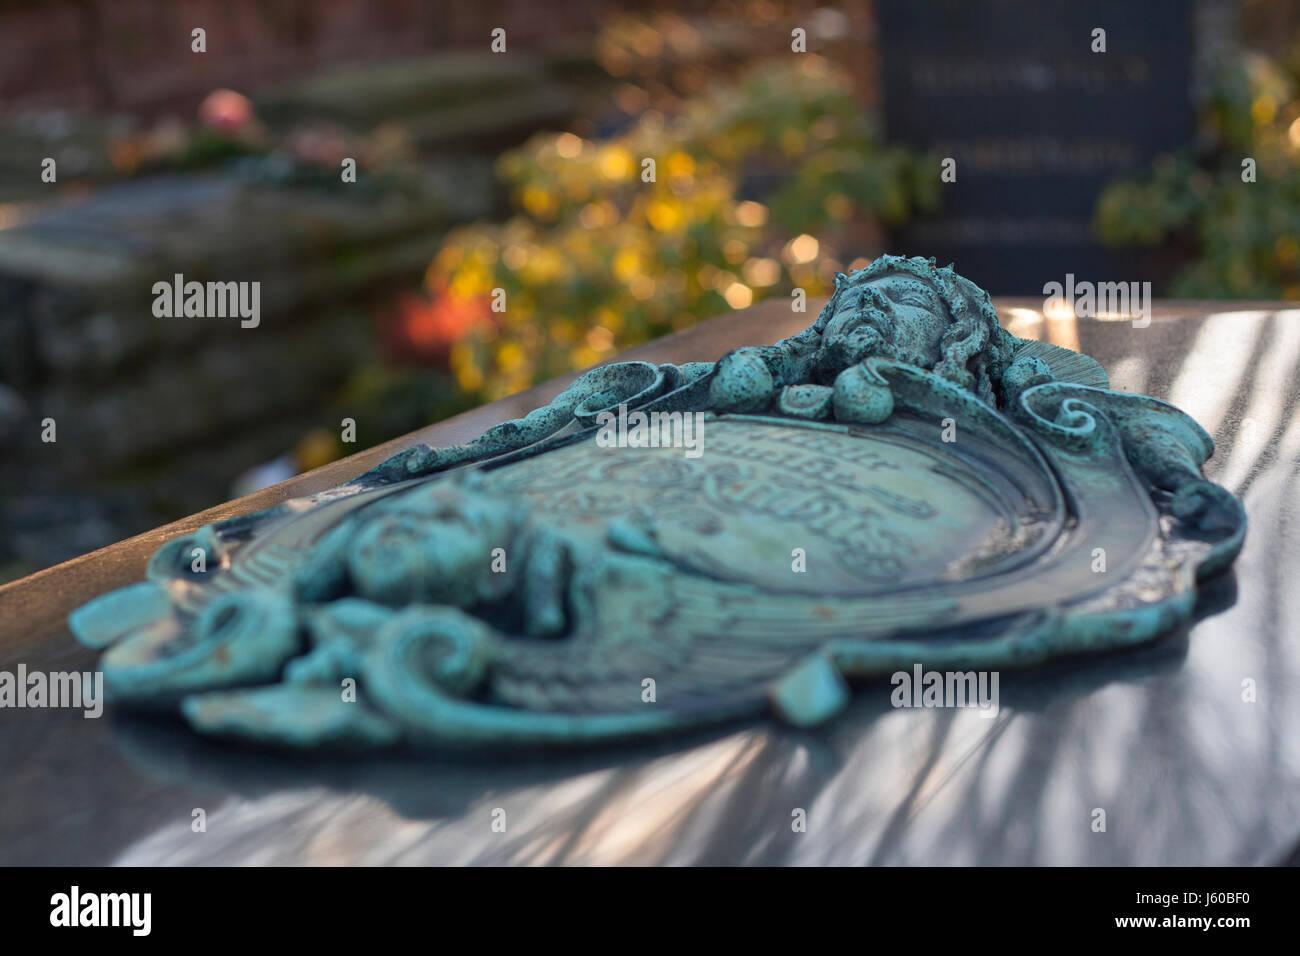 Liegender Grabstein auf dem St. Bartholomäus Friedhof, Nürnberg, Bayern, Deutschland. - Stock Image